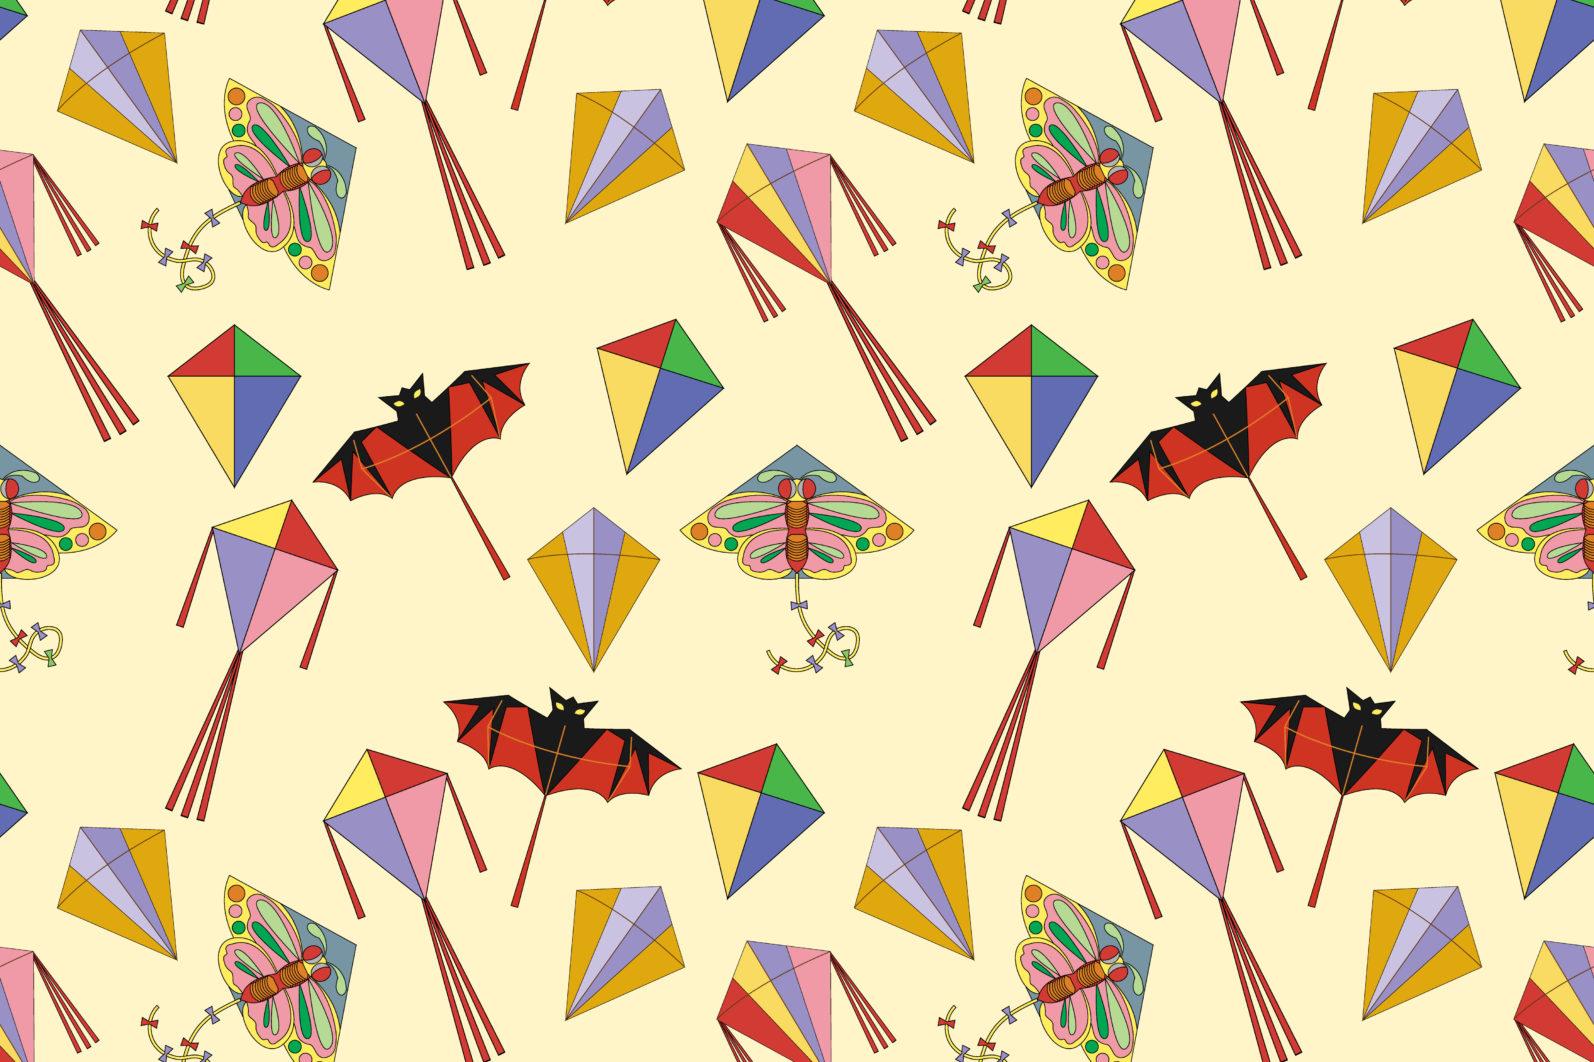 kite pattern - kitepattern scaled -